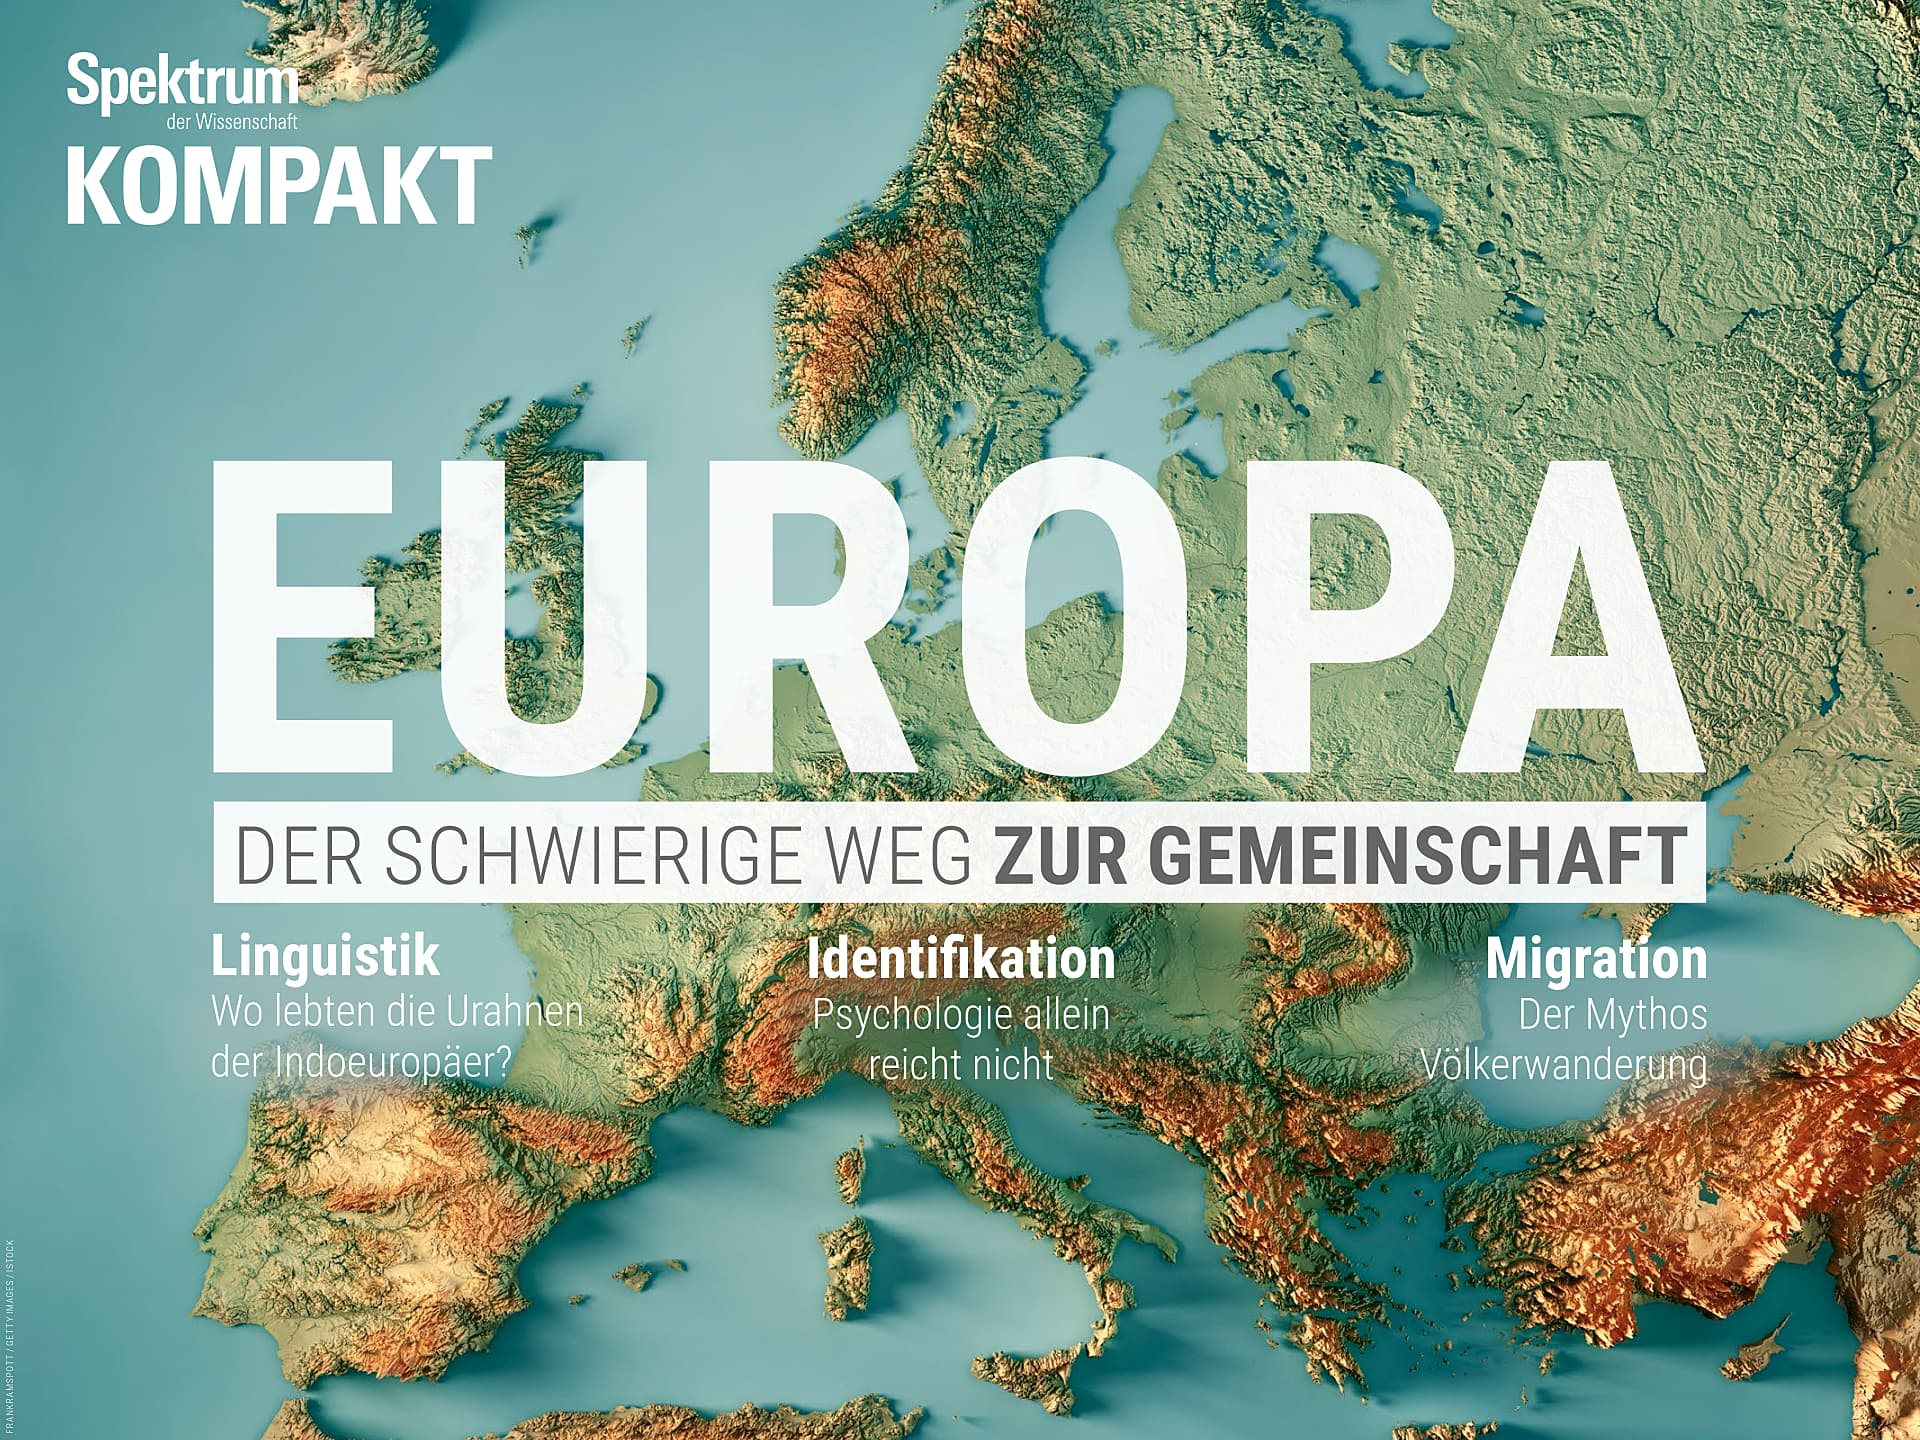 Europa - Der schwierige Weg zur Gemeinschaft